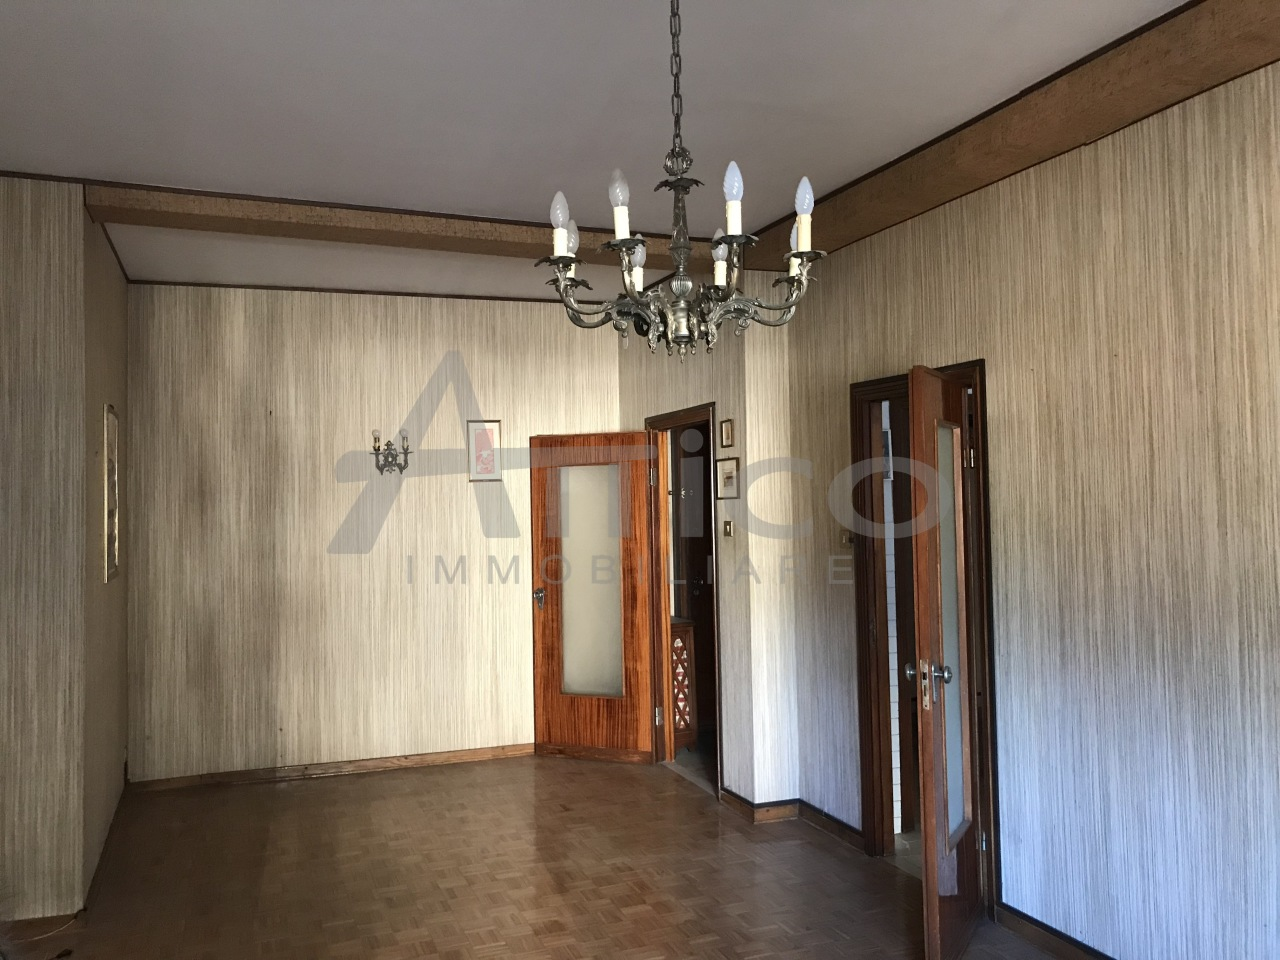 Appartamento in vendita a Rovigo, 7 locali, prezzo € 90.000 | CambioCasa.it